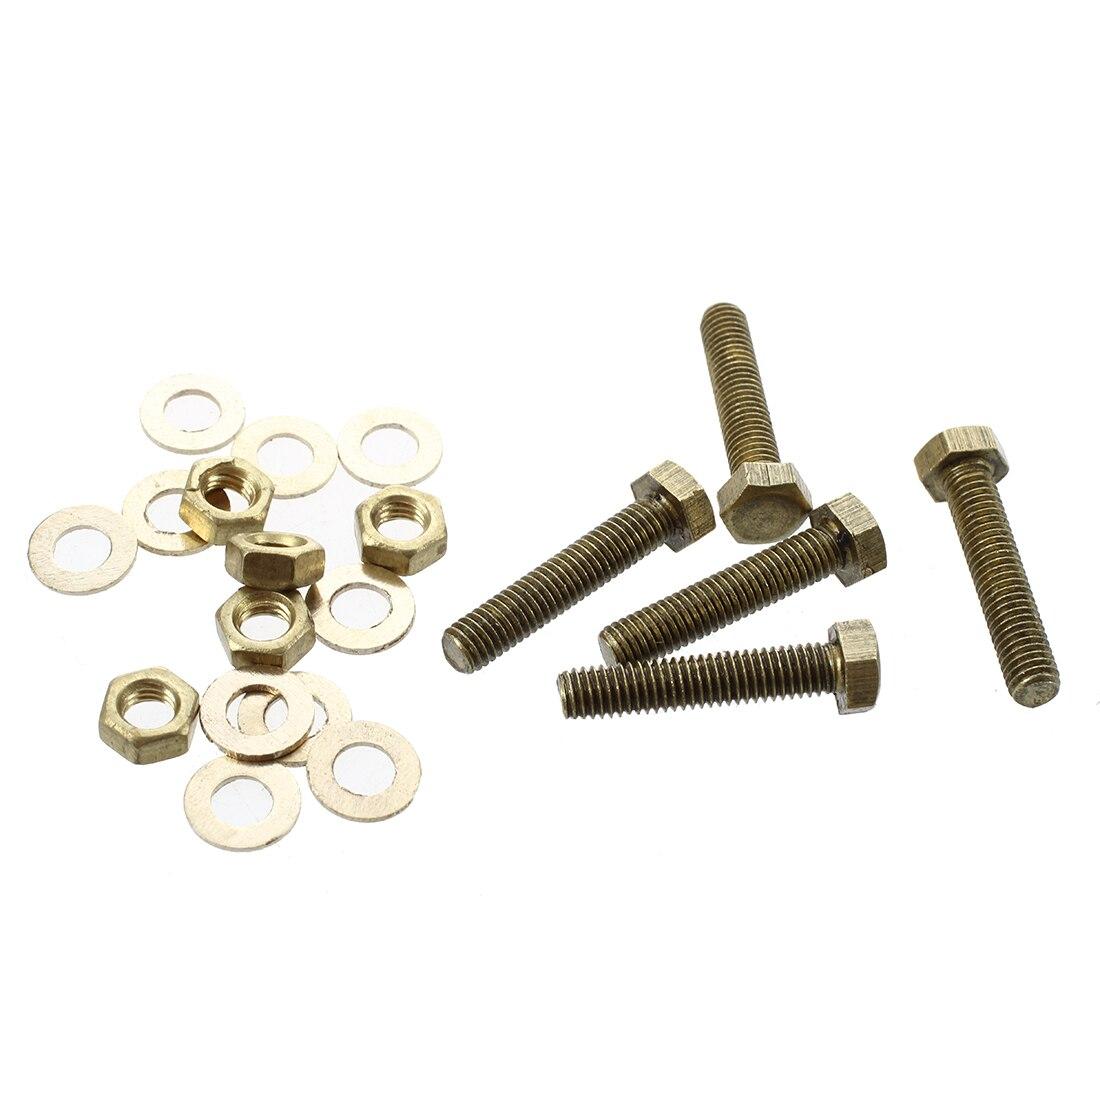 Arandelas 10mm Paquete de 25 M10 arandelas de latón latón sólido